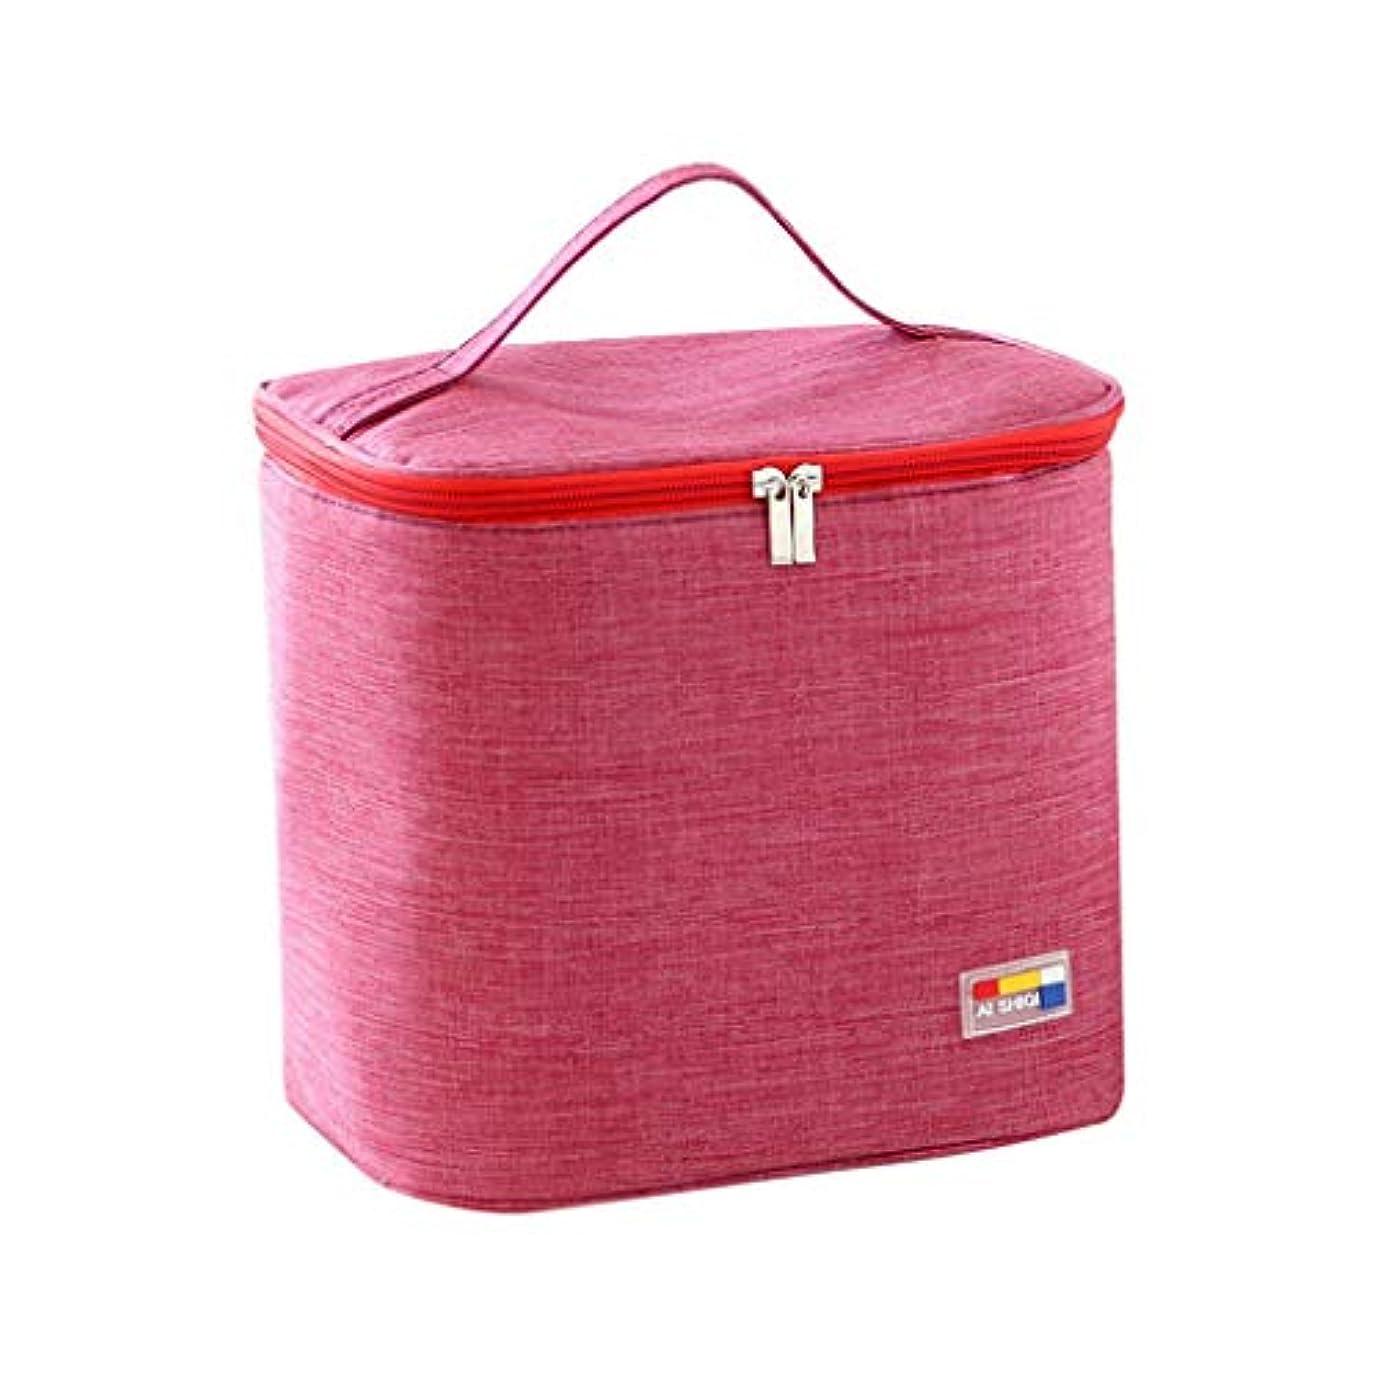 ビジョンバージン領収書専用ランチバッグトートバッグ断熱性を向上キャンプに適していますシンプルなバッグイージーファッション絶縁バッグ冷蔵バッグポケットを描く冷却ハンドバッグ防水ハンドバッグ (A)